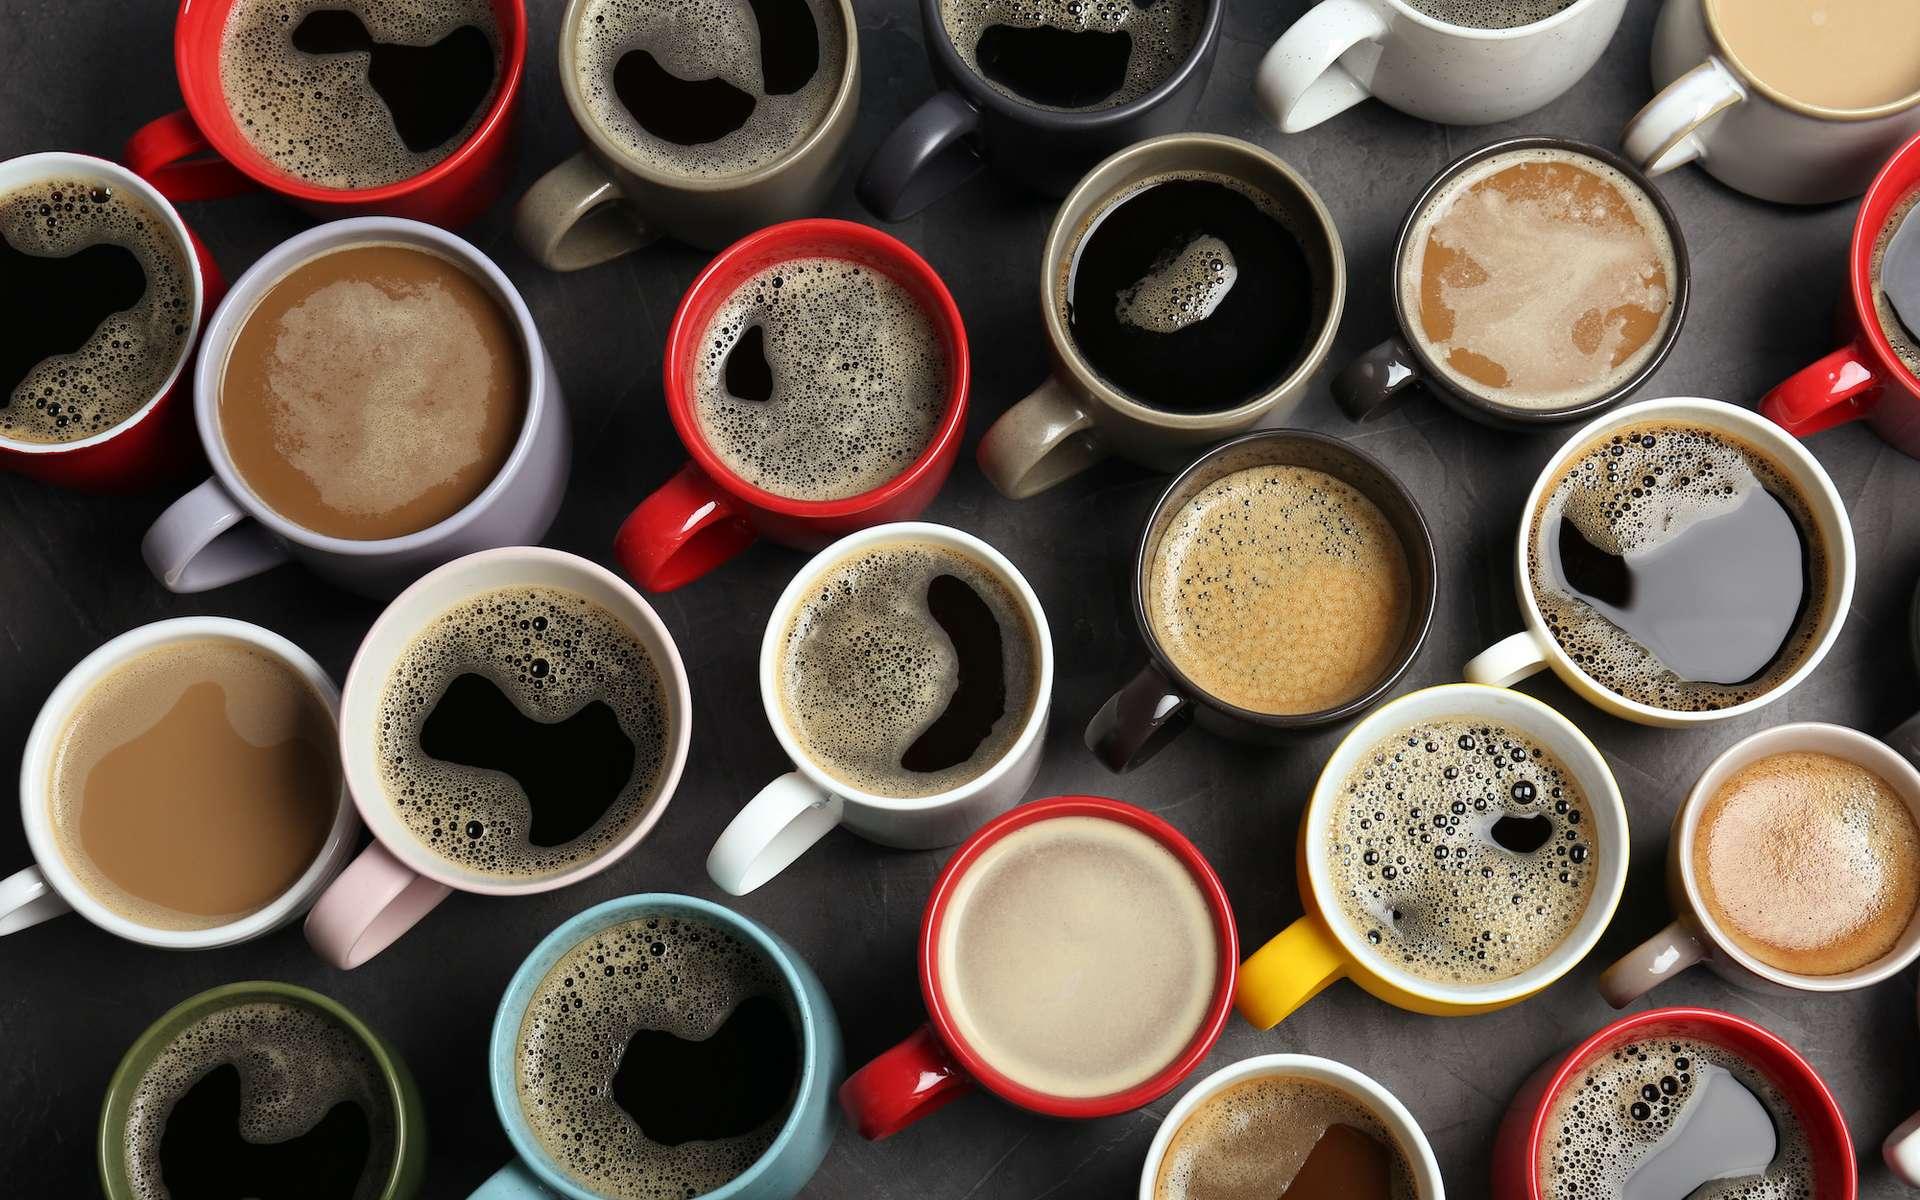 Café lungo, macchiato, ristretto : comment sont préparés tous ces cafés ? © New Africa, Adobe Stock